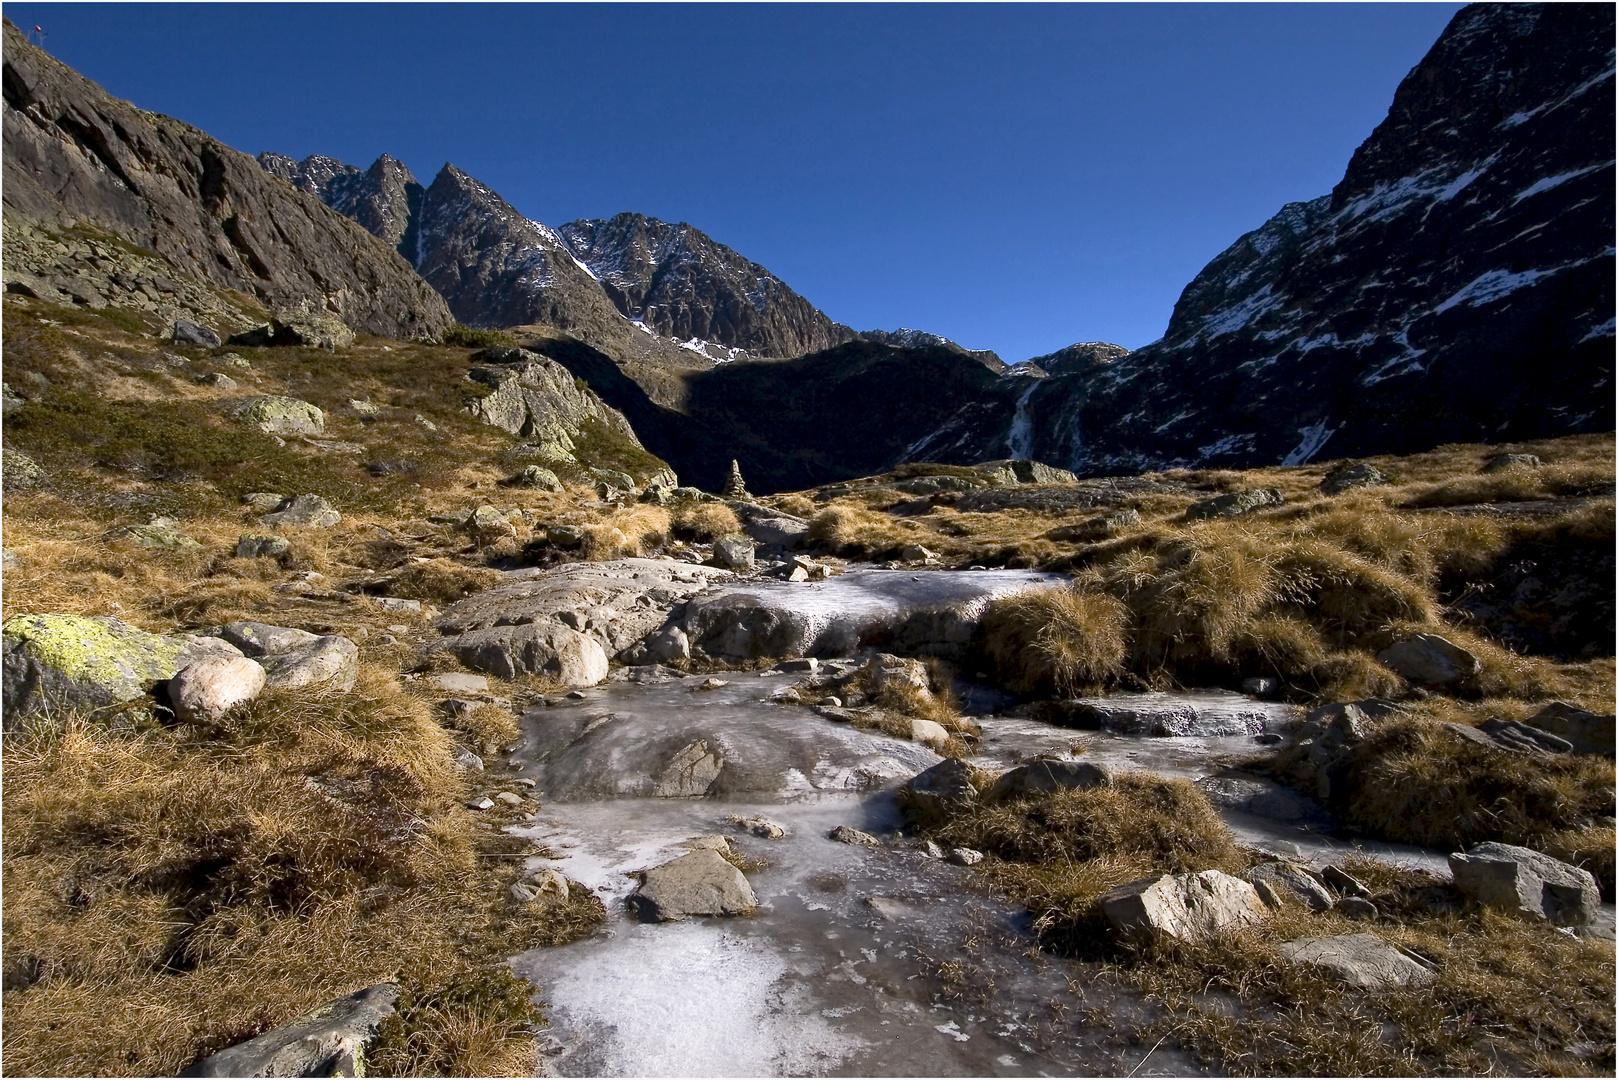 gefrorenes Bachl und ein Steinmandl weißt den Weg